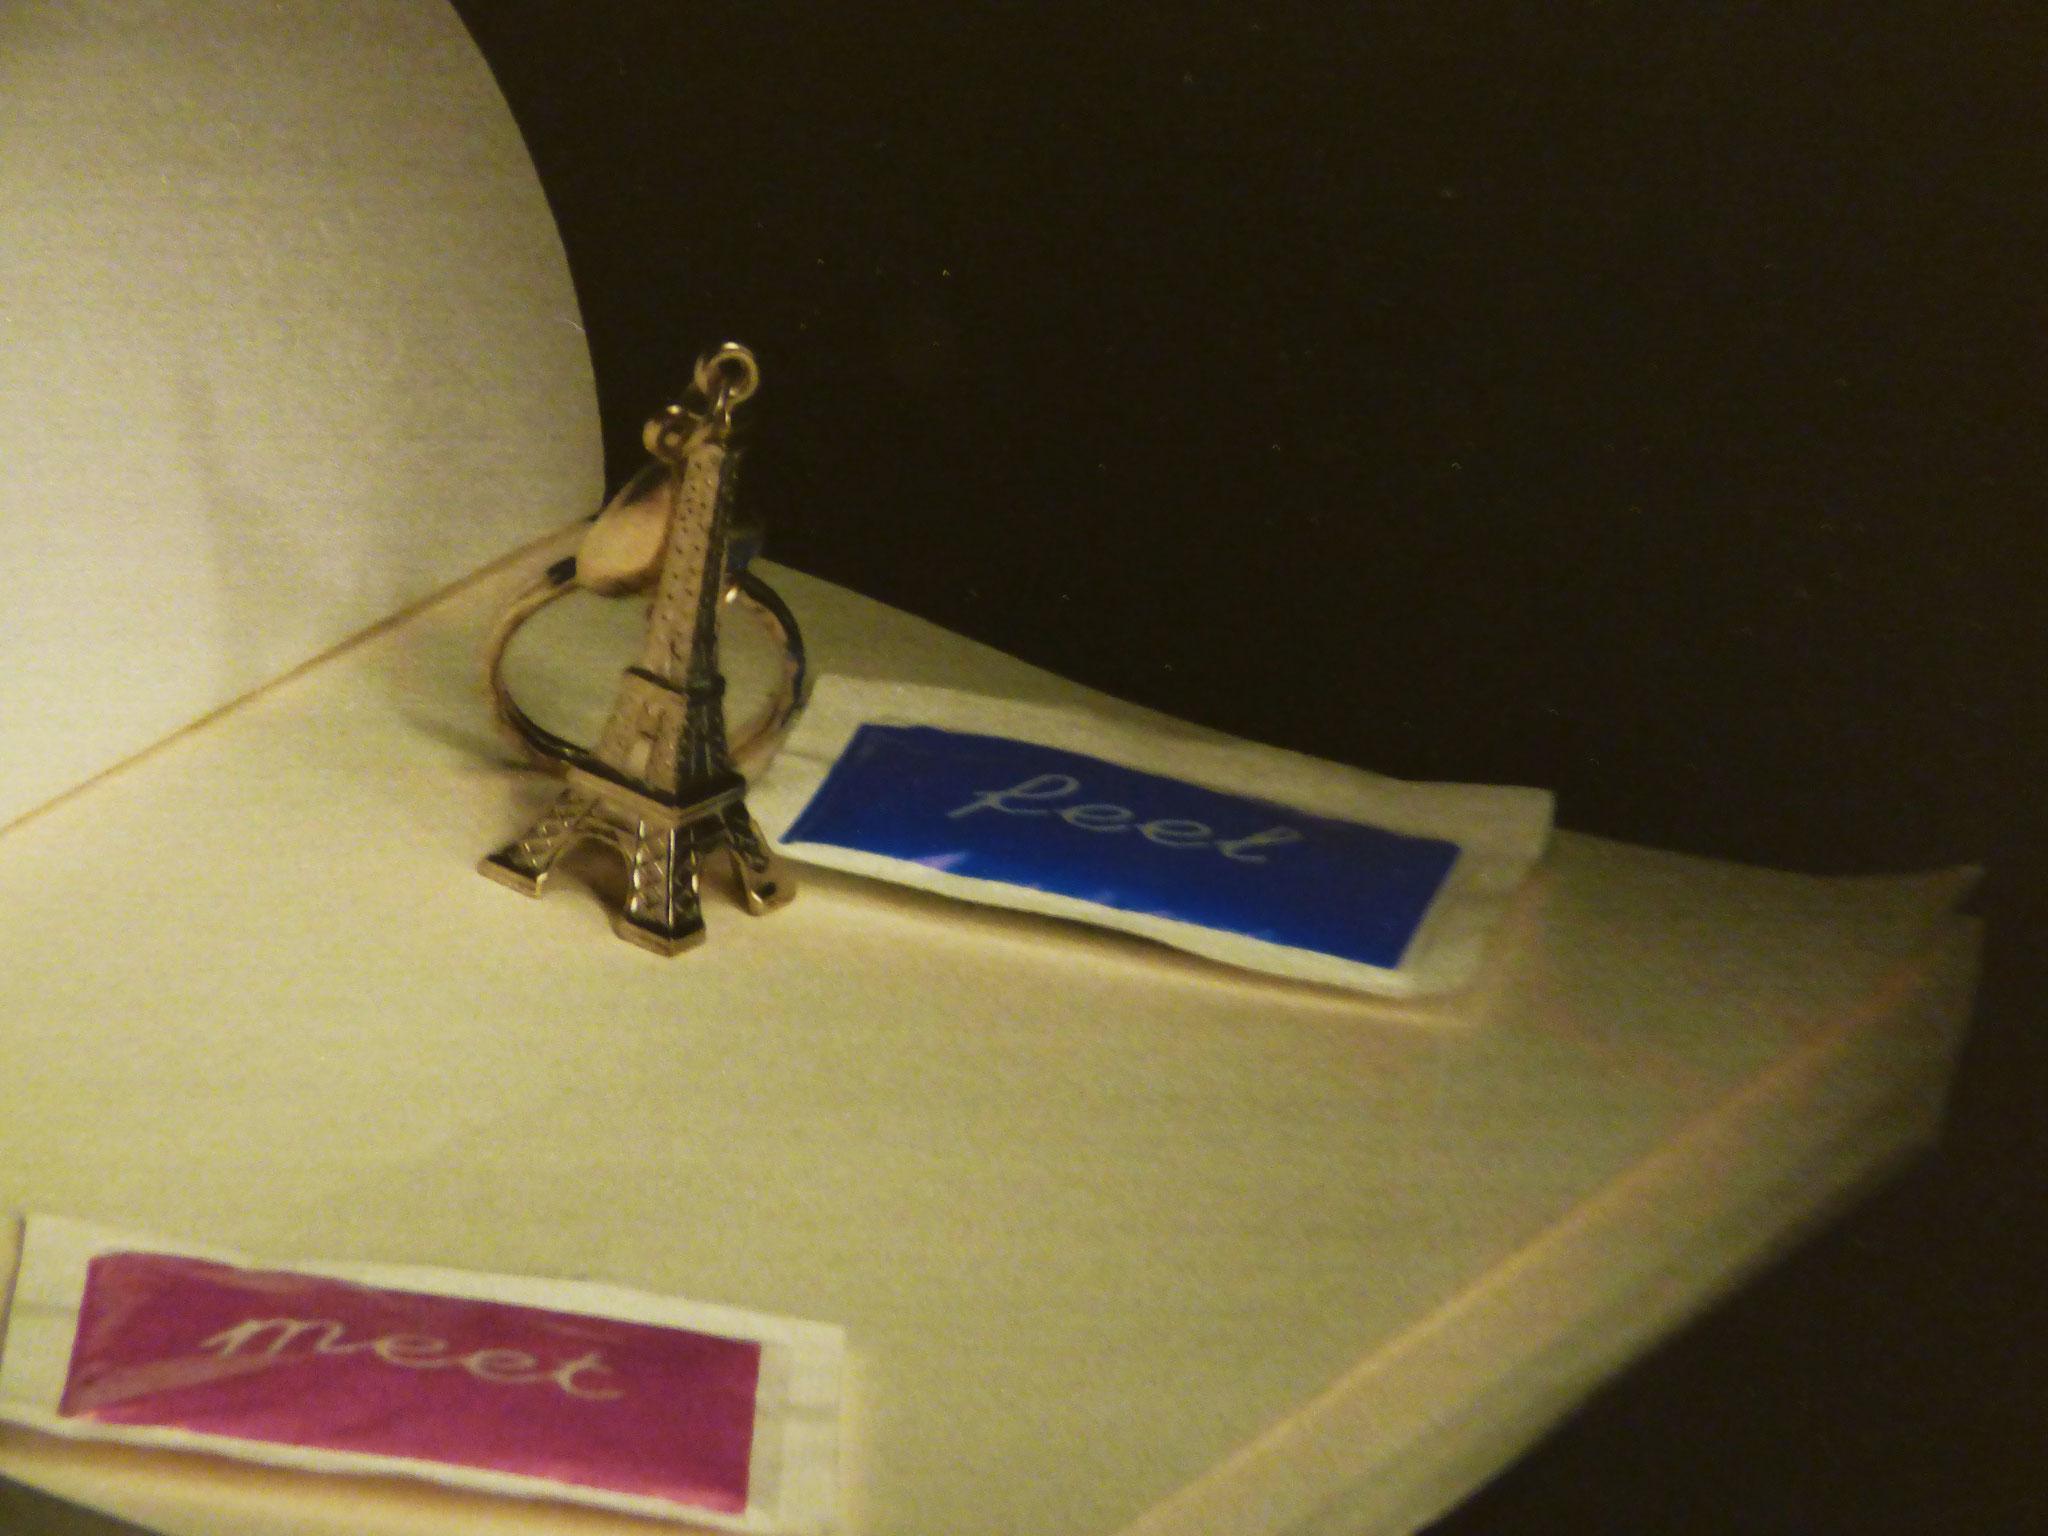 """Rivergaro: Mostra spazio permanente """"Percorsi diversi"""" del  Centro di Lettura     Mirella Verile - Paolo Timbri: """" DIPINGERE CON LA LUCE""""  dal 31 marzo al 20  aprile"""